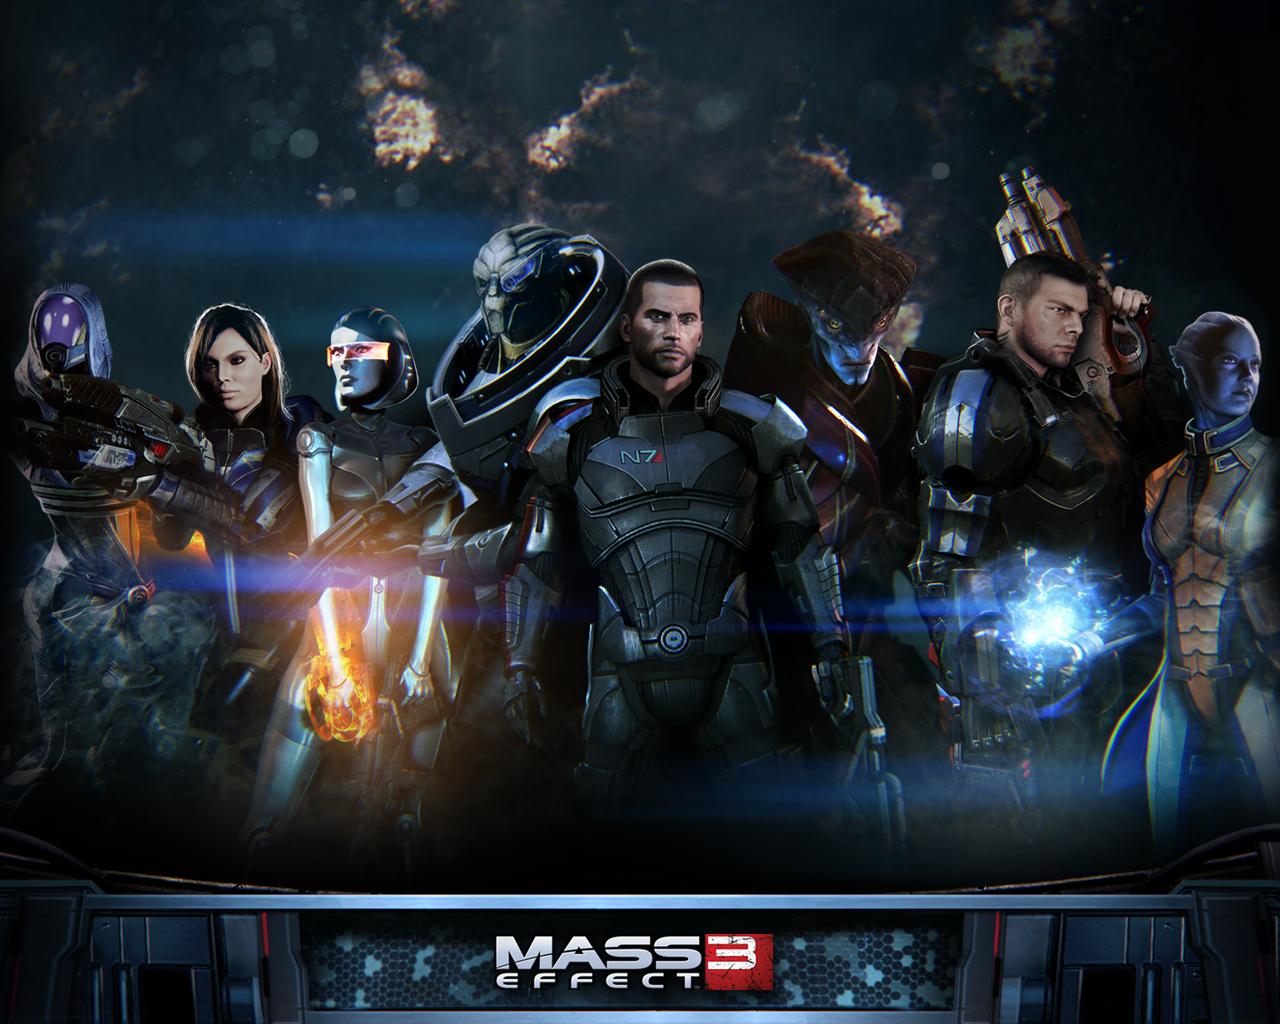 Art - Mass Effect 3 Арт